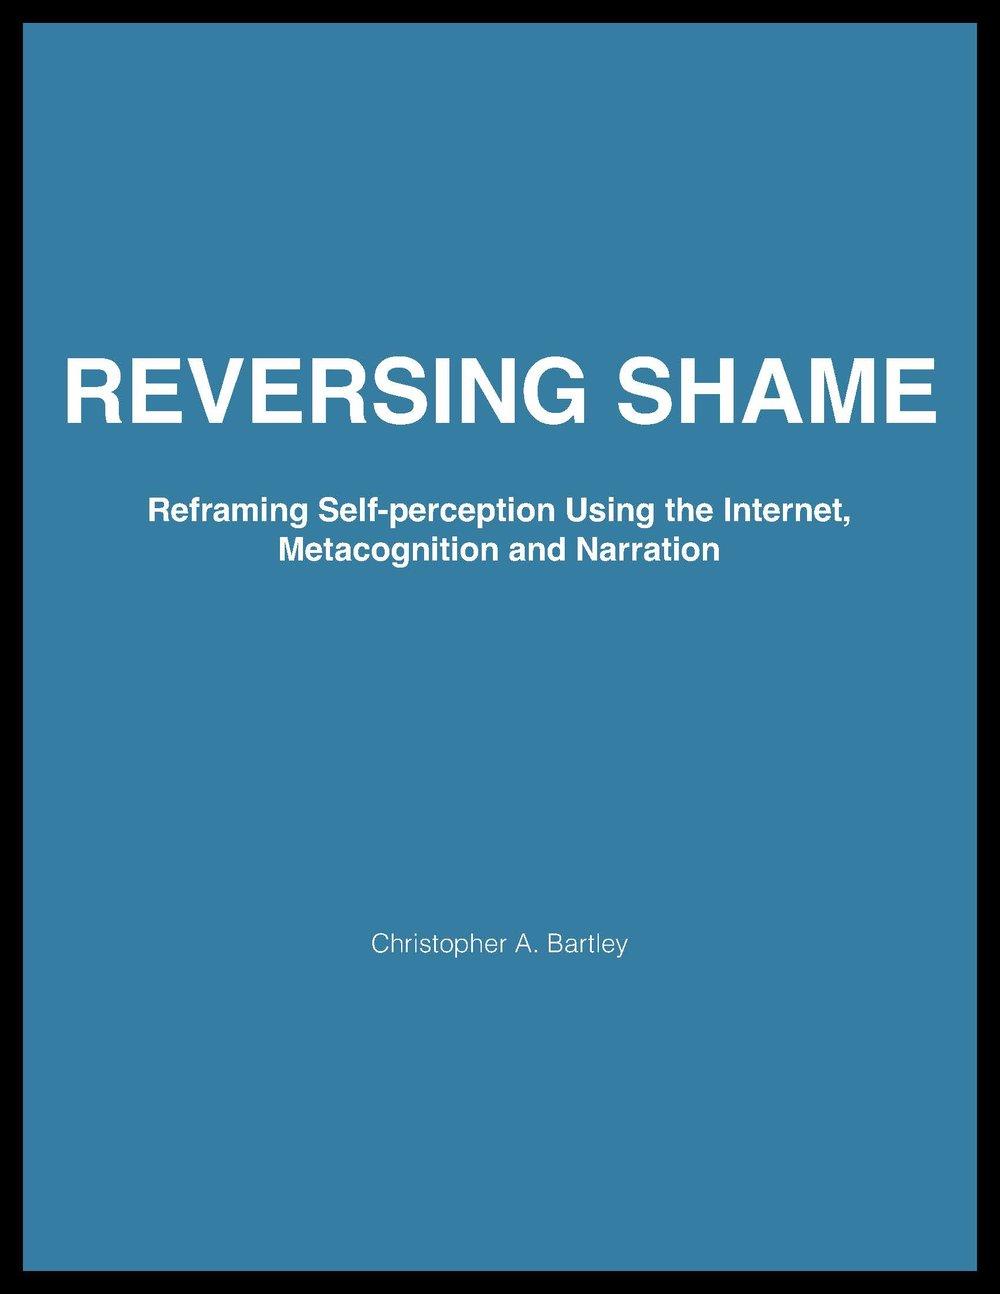 Reversing Shame Cover.jpg